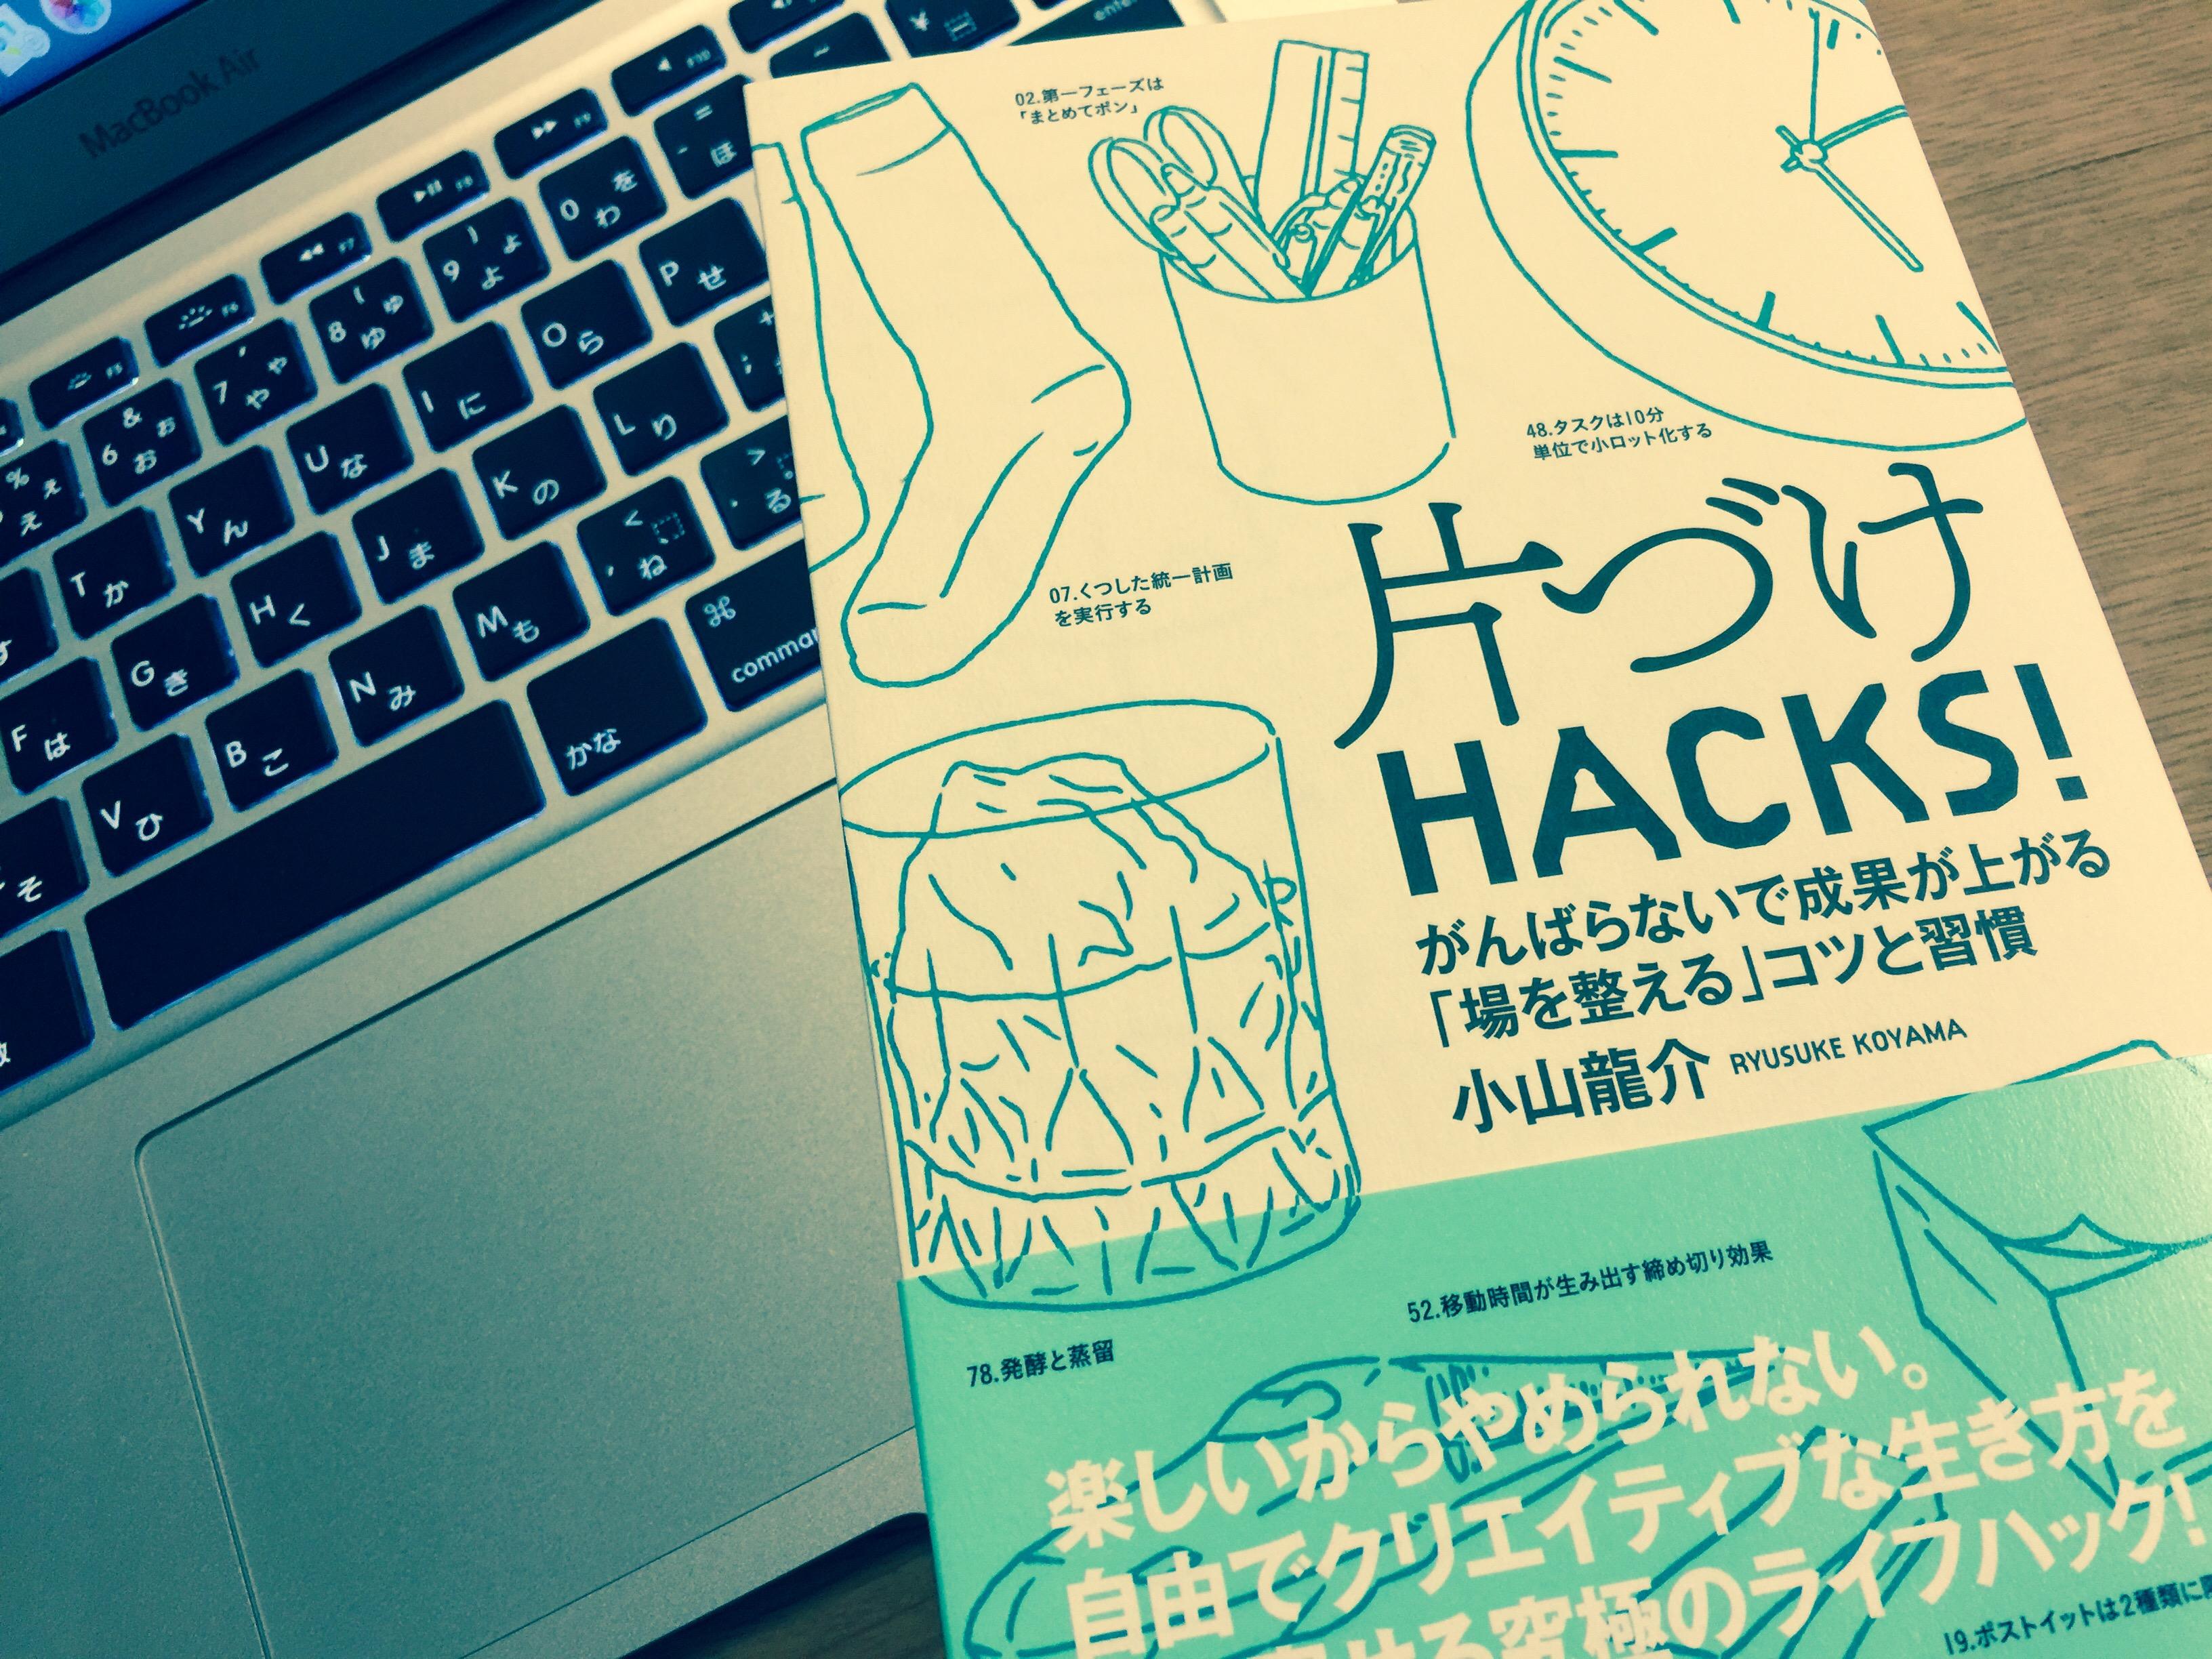 最新HACKシリーズ読了ーパラレルキャリア時代のお片付け